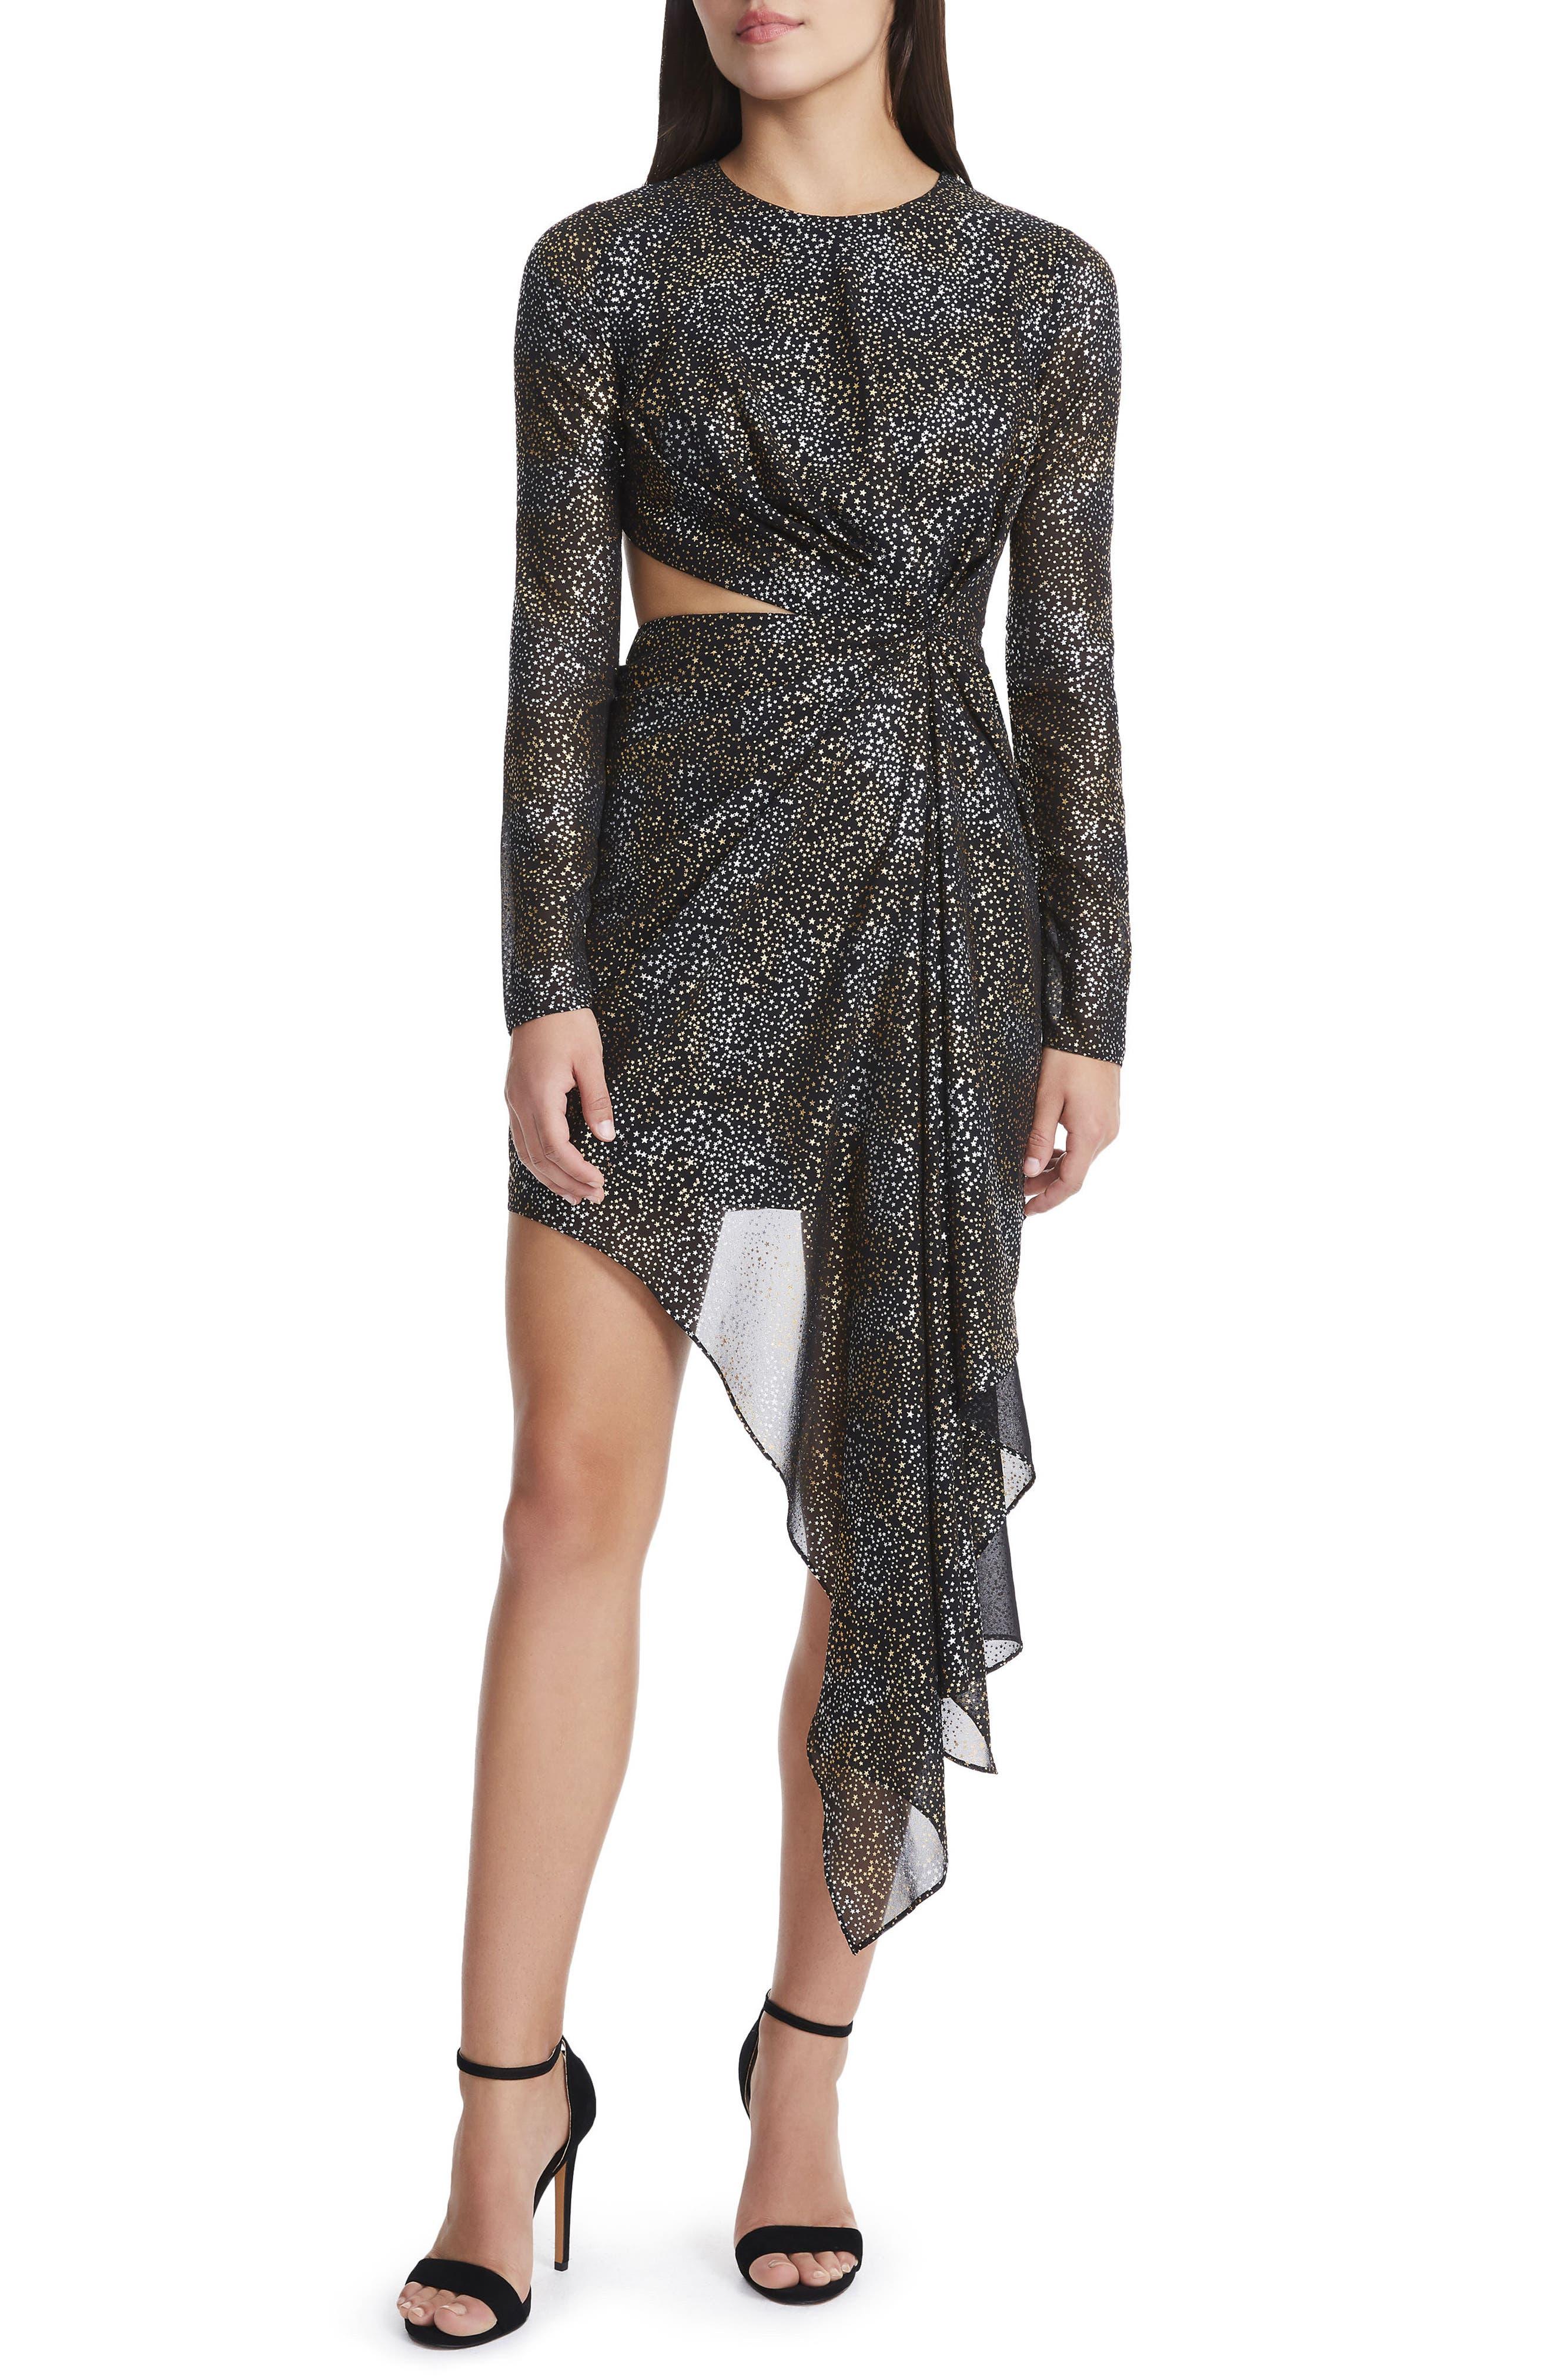 Main Image - AFRM Amos Cutout Foil Print Dress